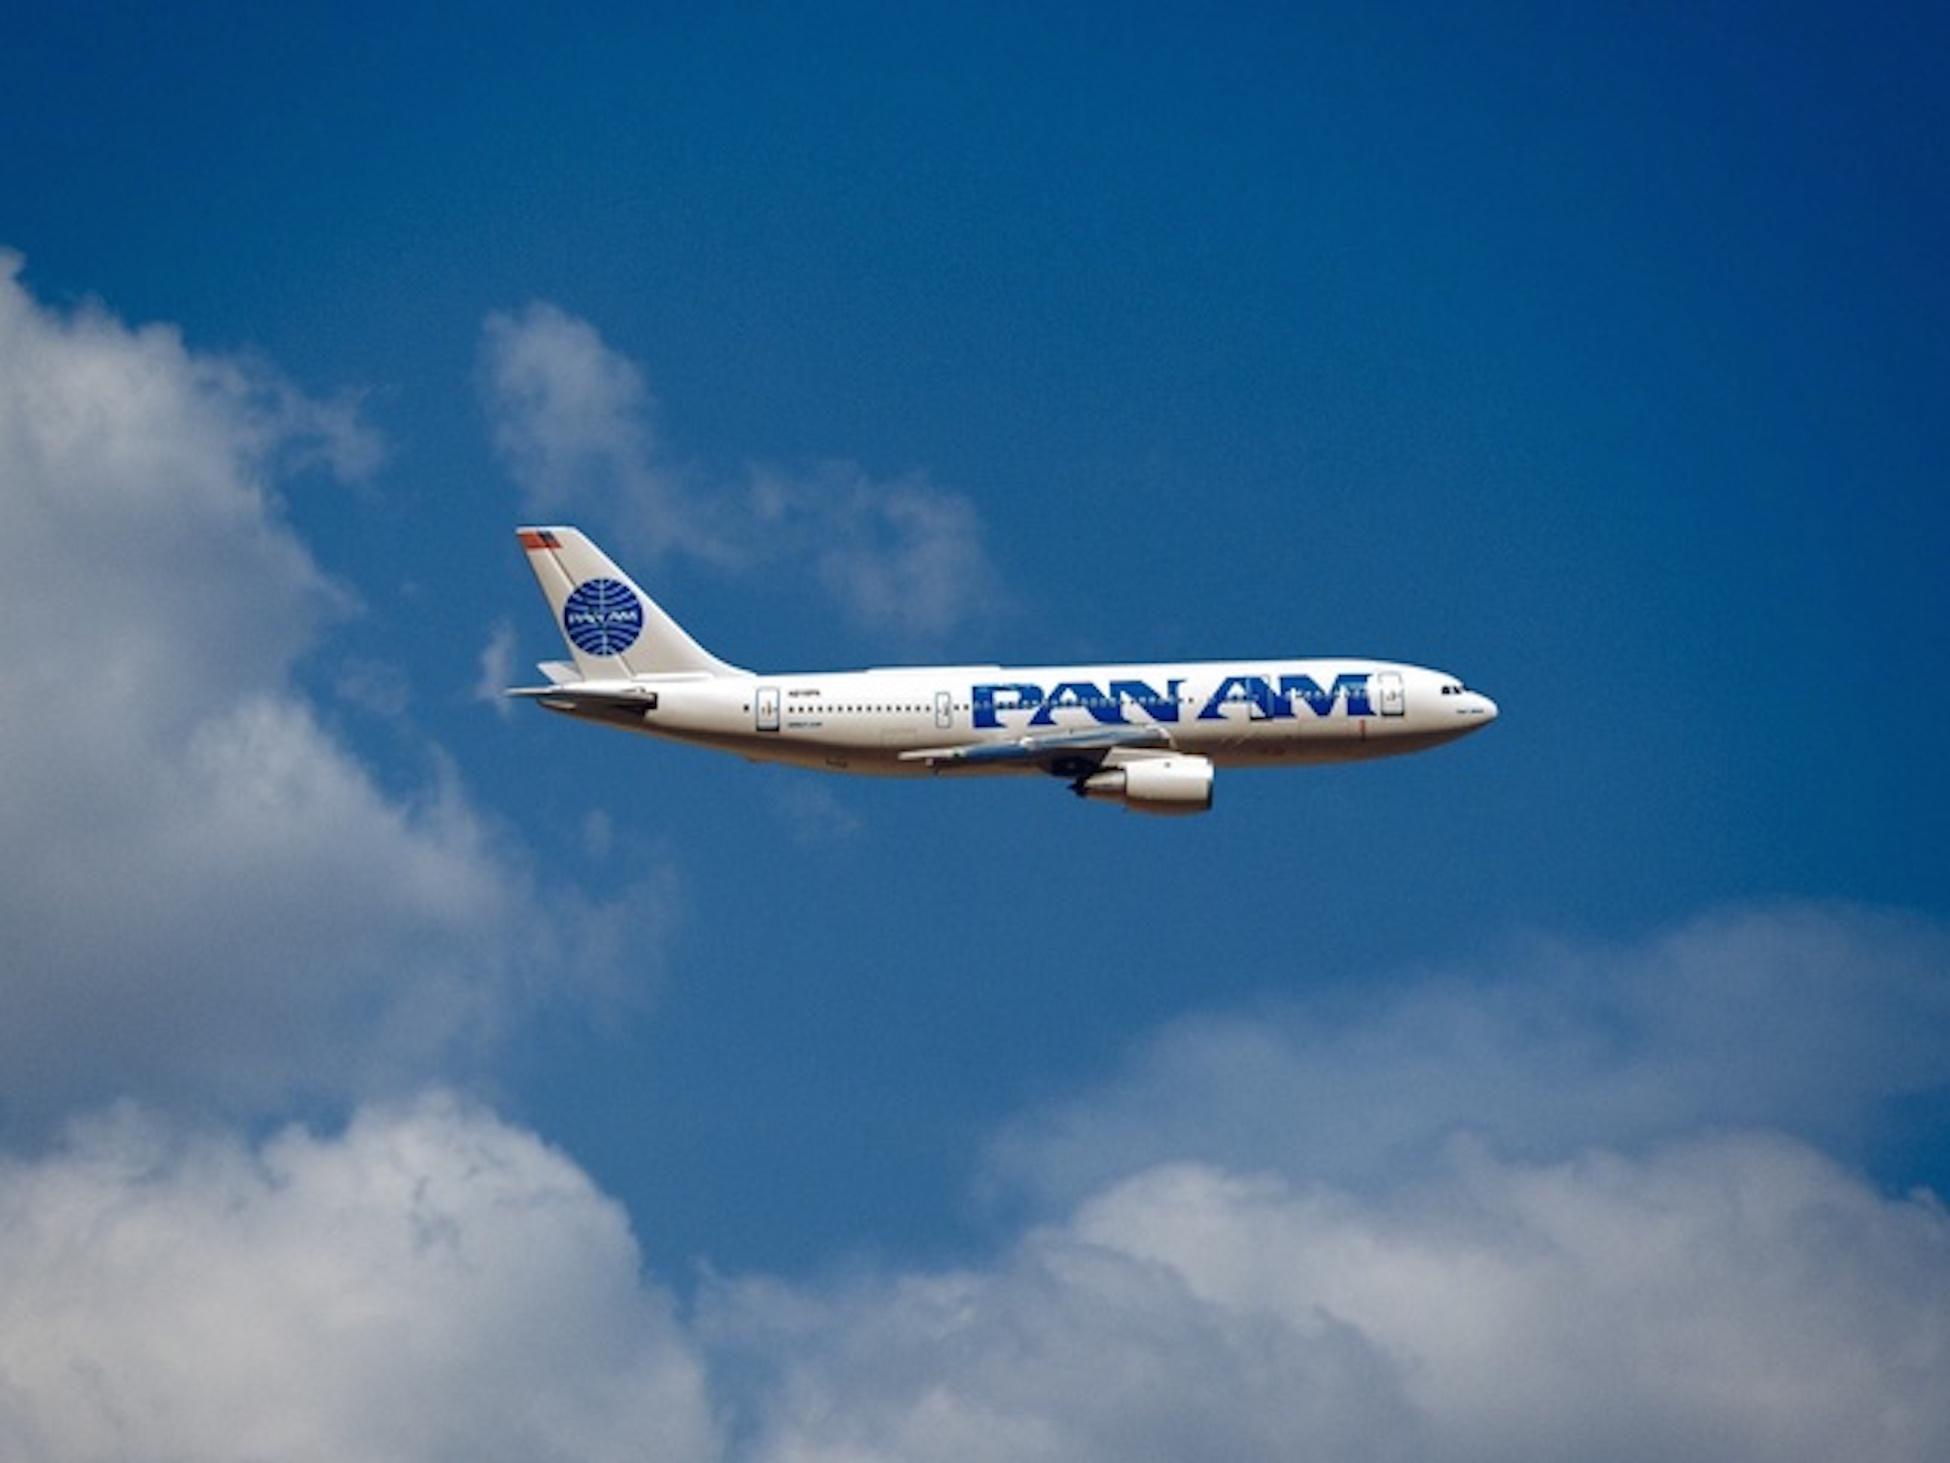 Pan Am by Tyler Shields